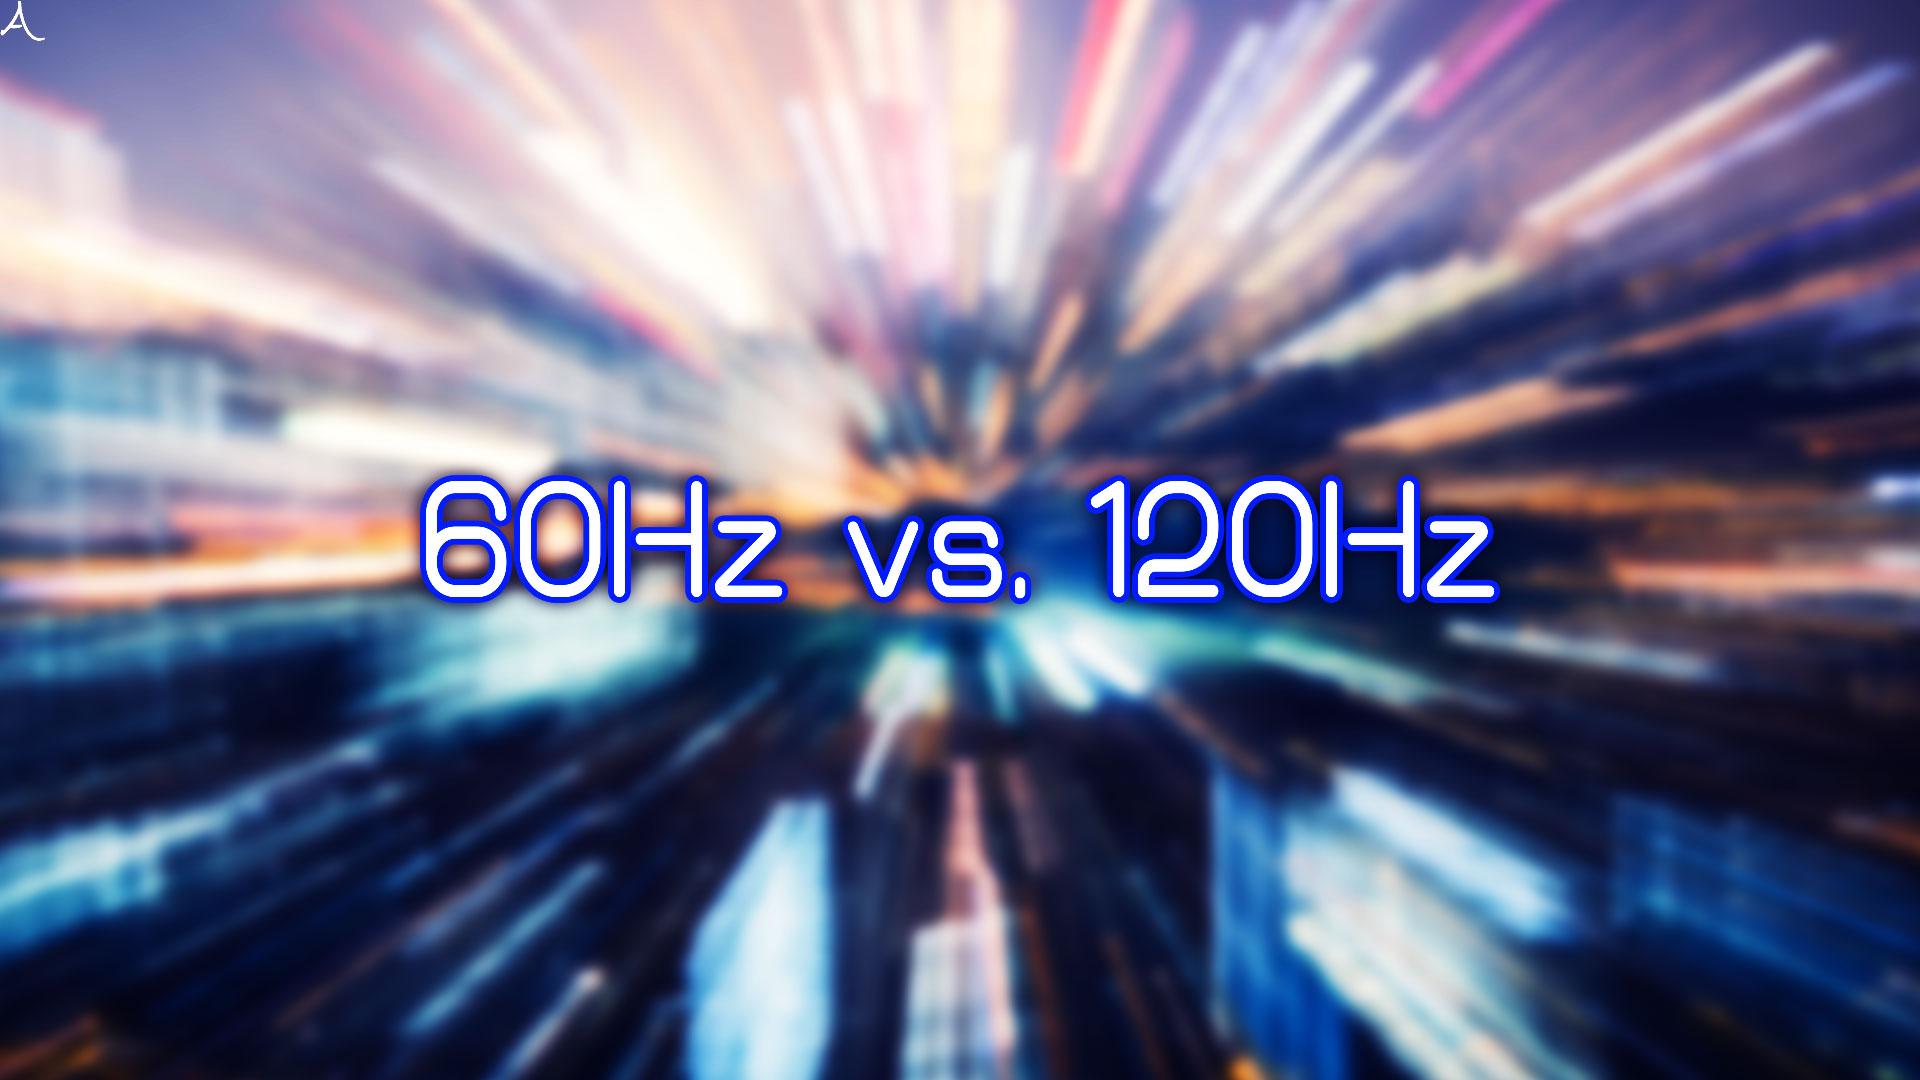 リフレッシュレートの違いでスマホのバッテリー持ちは悪くなるのか:60Hz vs. 120Hz